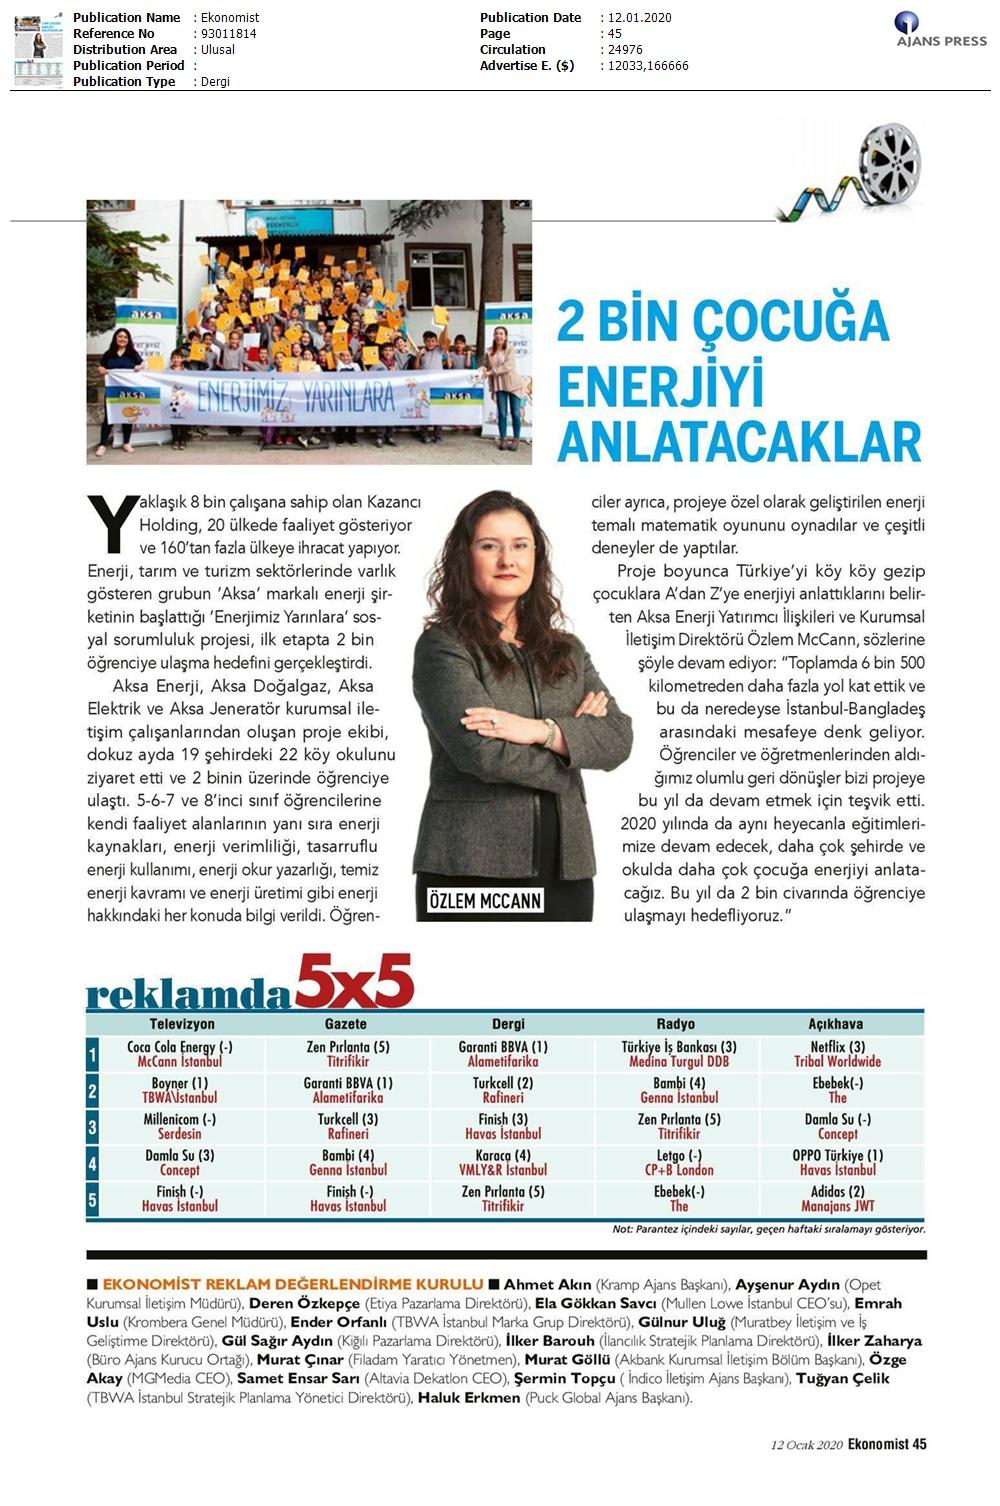 """Aksa """"ENERJİMİZ YARINLARA"""" Ekibi Köy Köy Dolaşarak Çocuklara Enerjiyi Anlatıyor"""